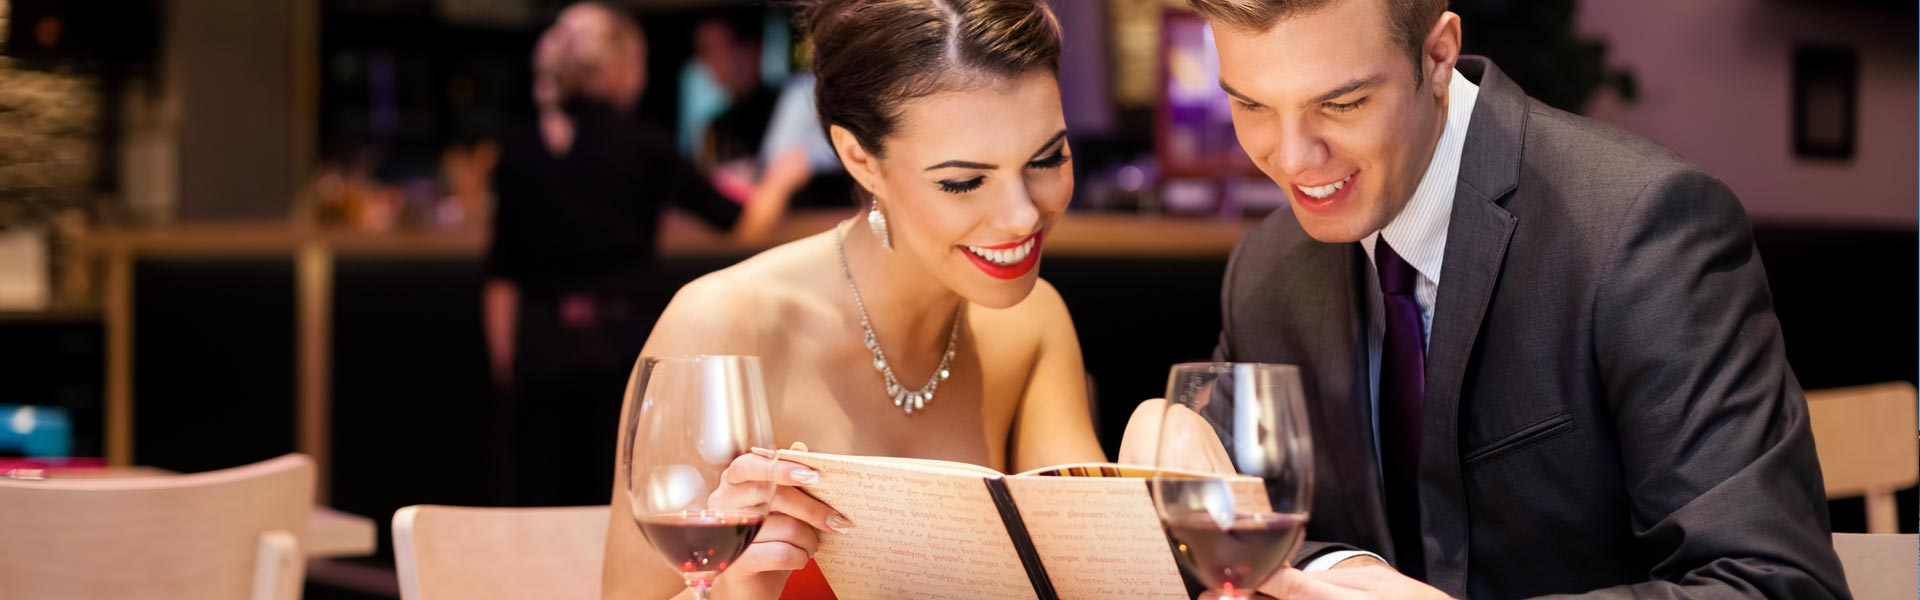 Cocktail e ristoranti in crociera: cosa scegliere e come vestirti